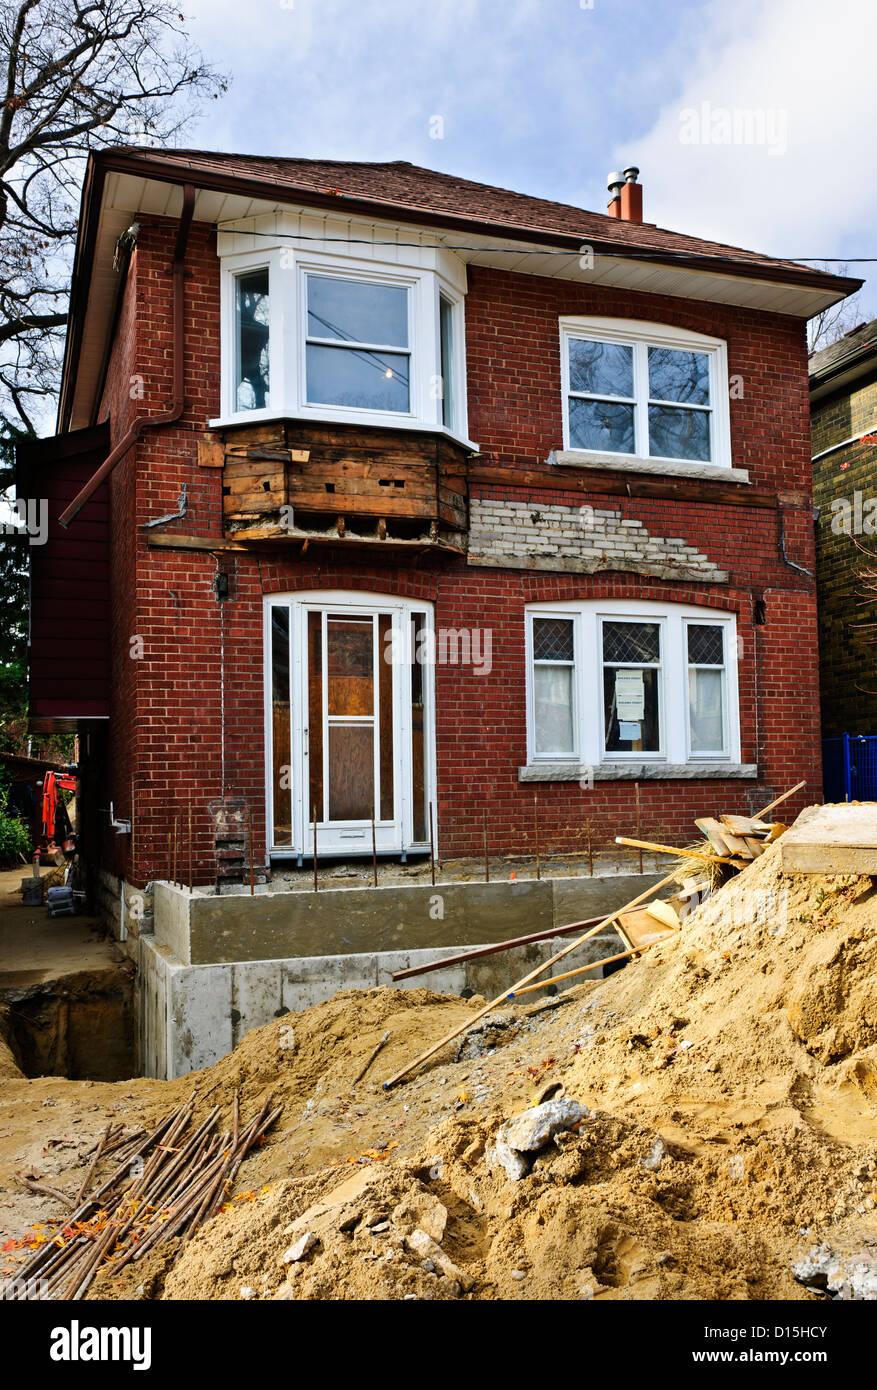 Renovation immagini renovation fotos stock alamy - Costruzione di una casa ...